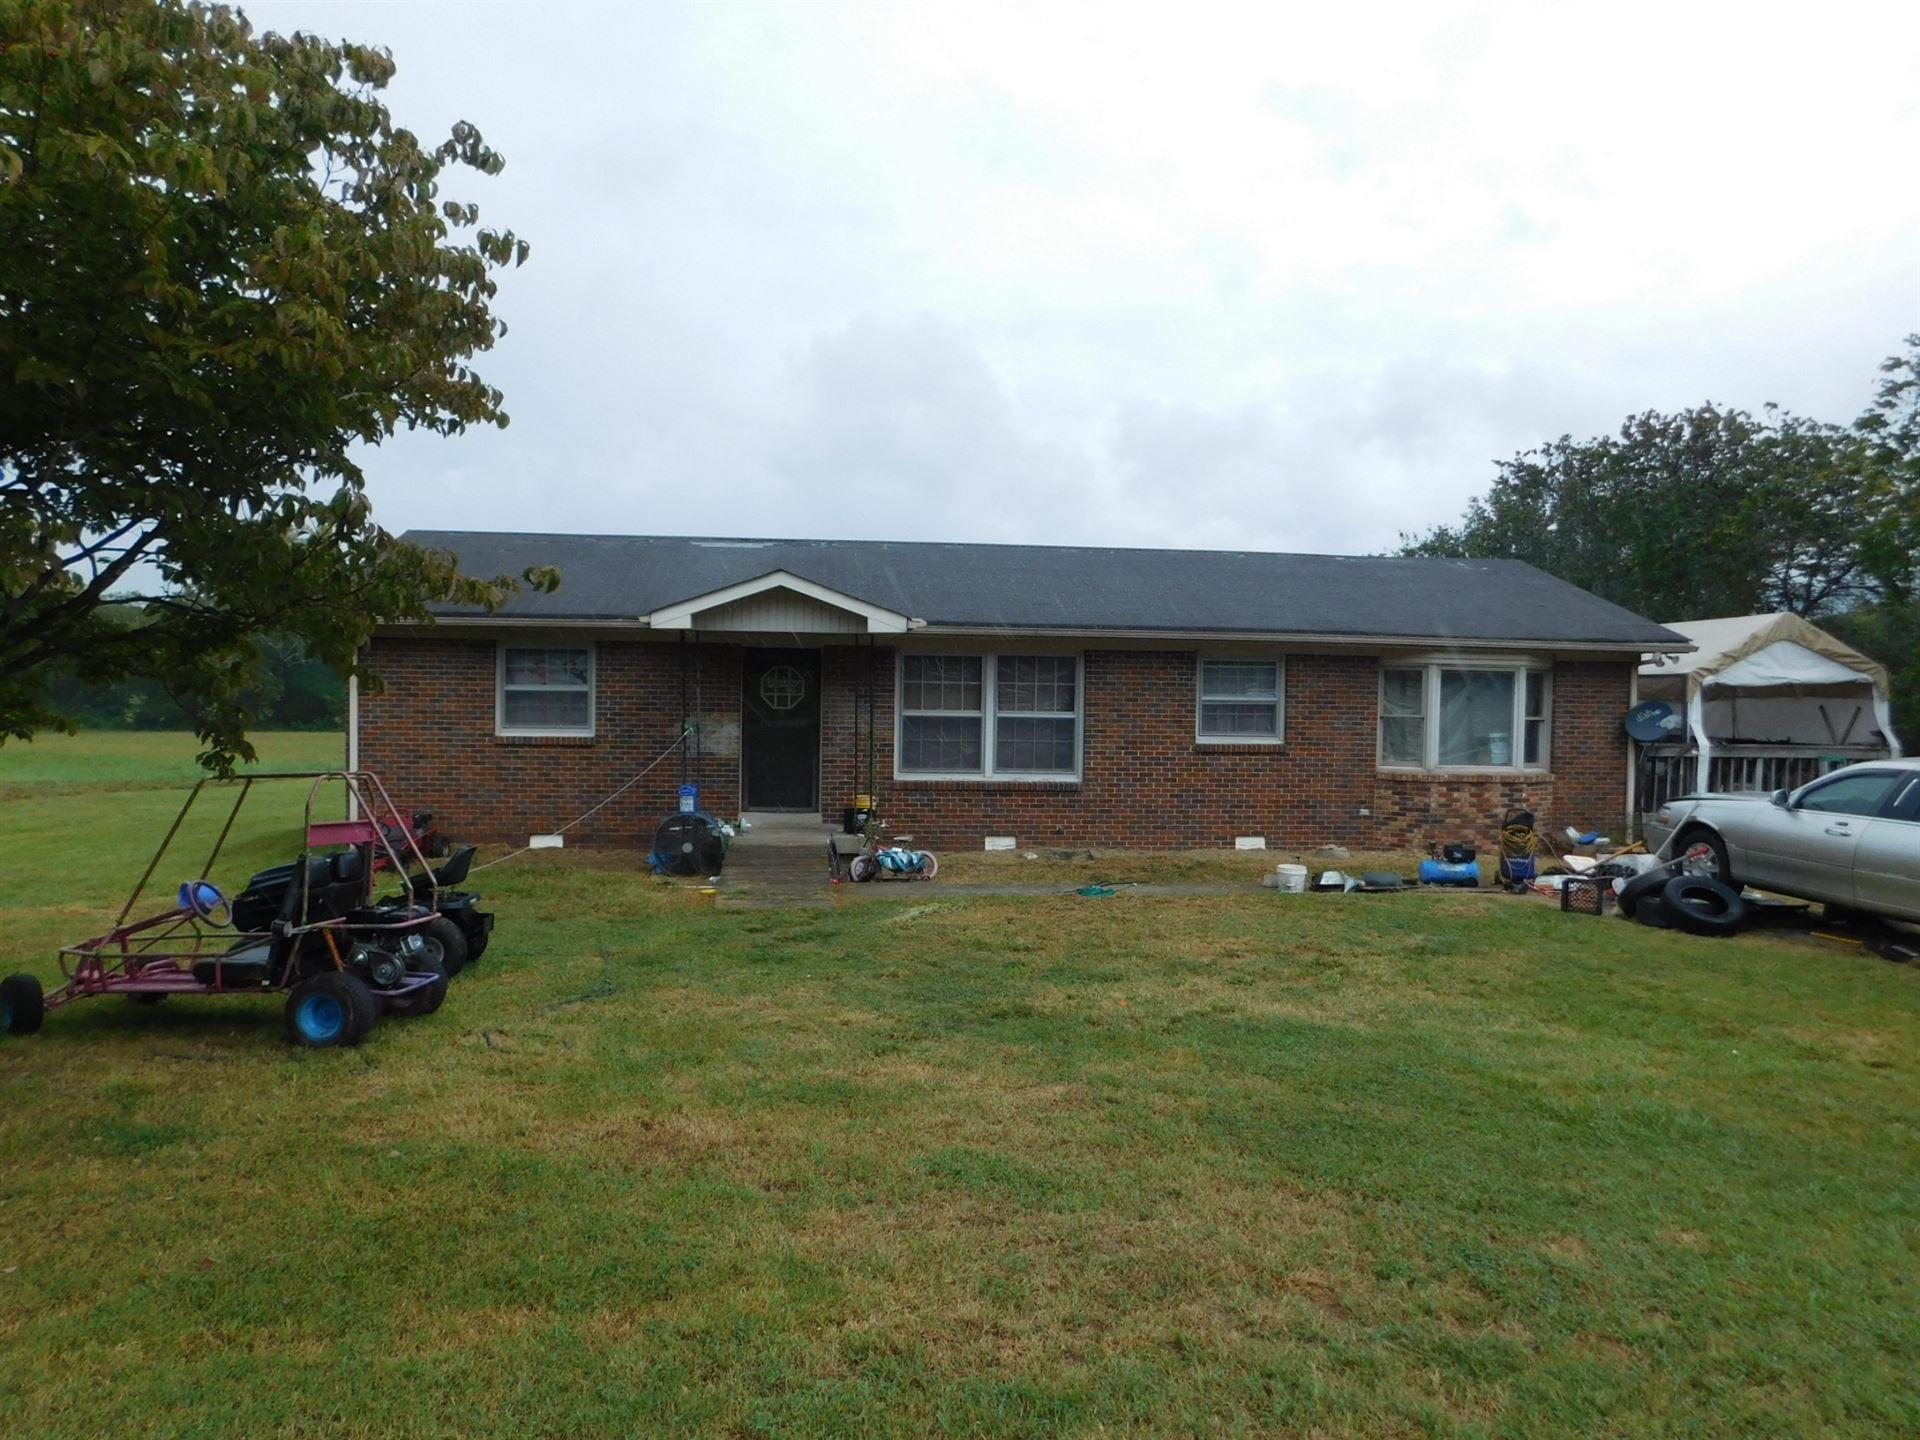 106 Stoney Creek Rd, Mount Juliet, TN 37122 - MLS#: 2291536